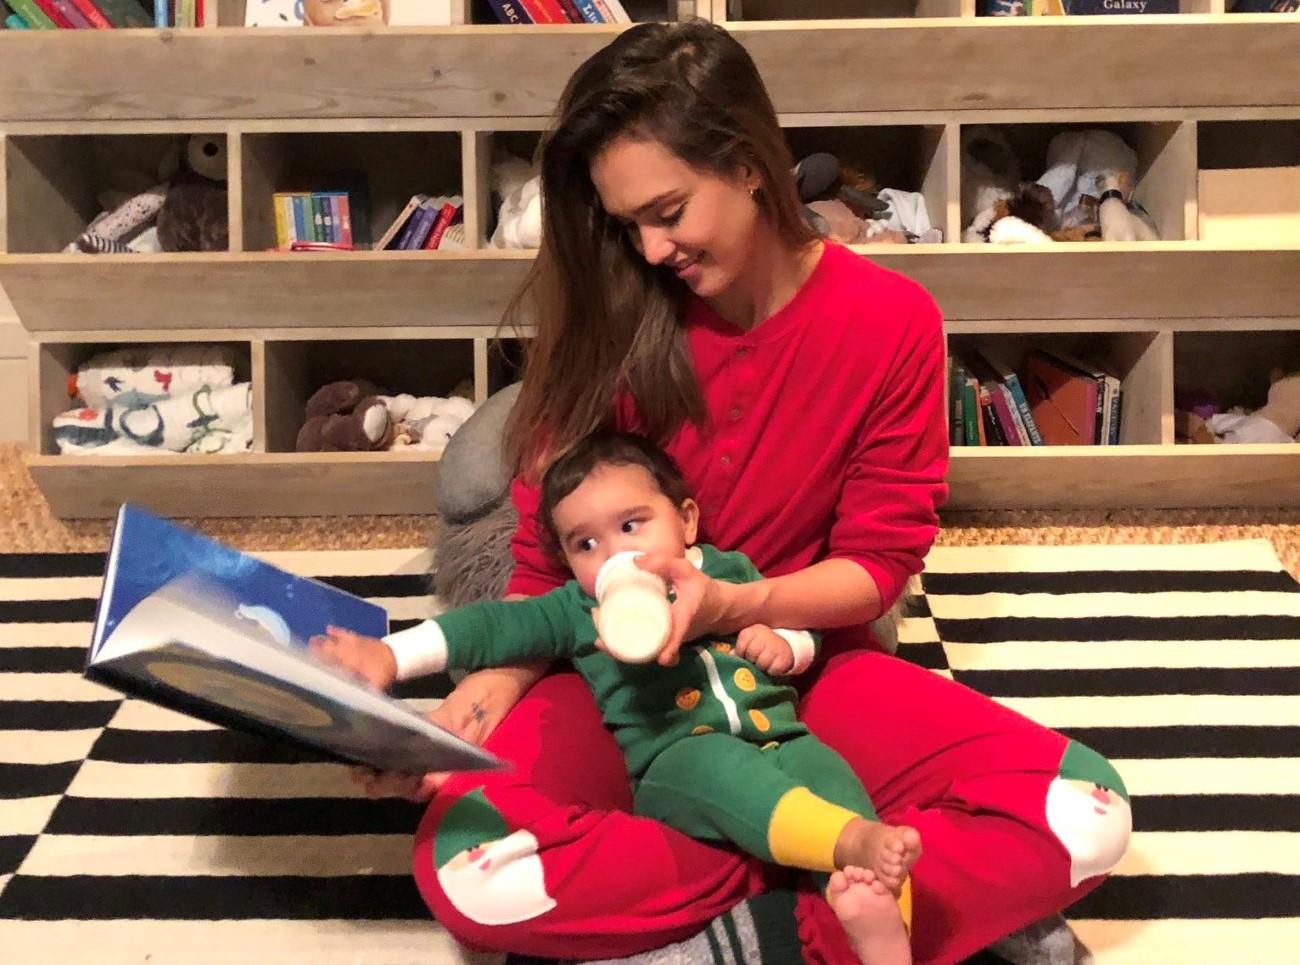 Jessica Alba with her child